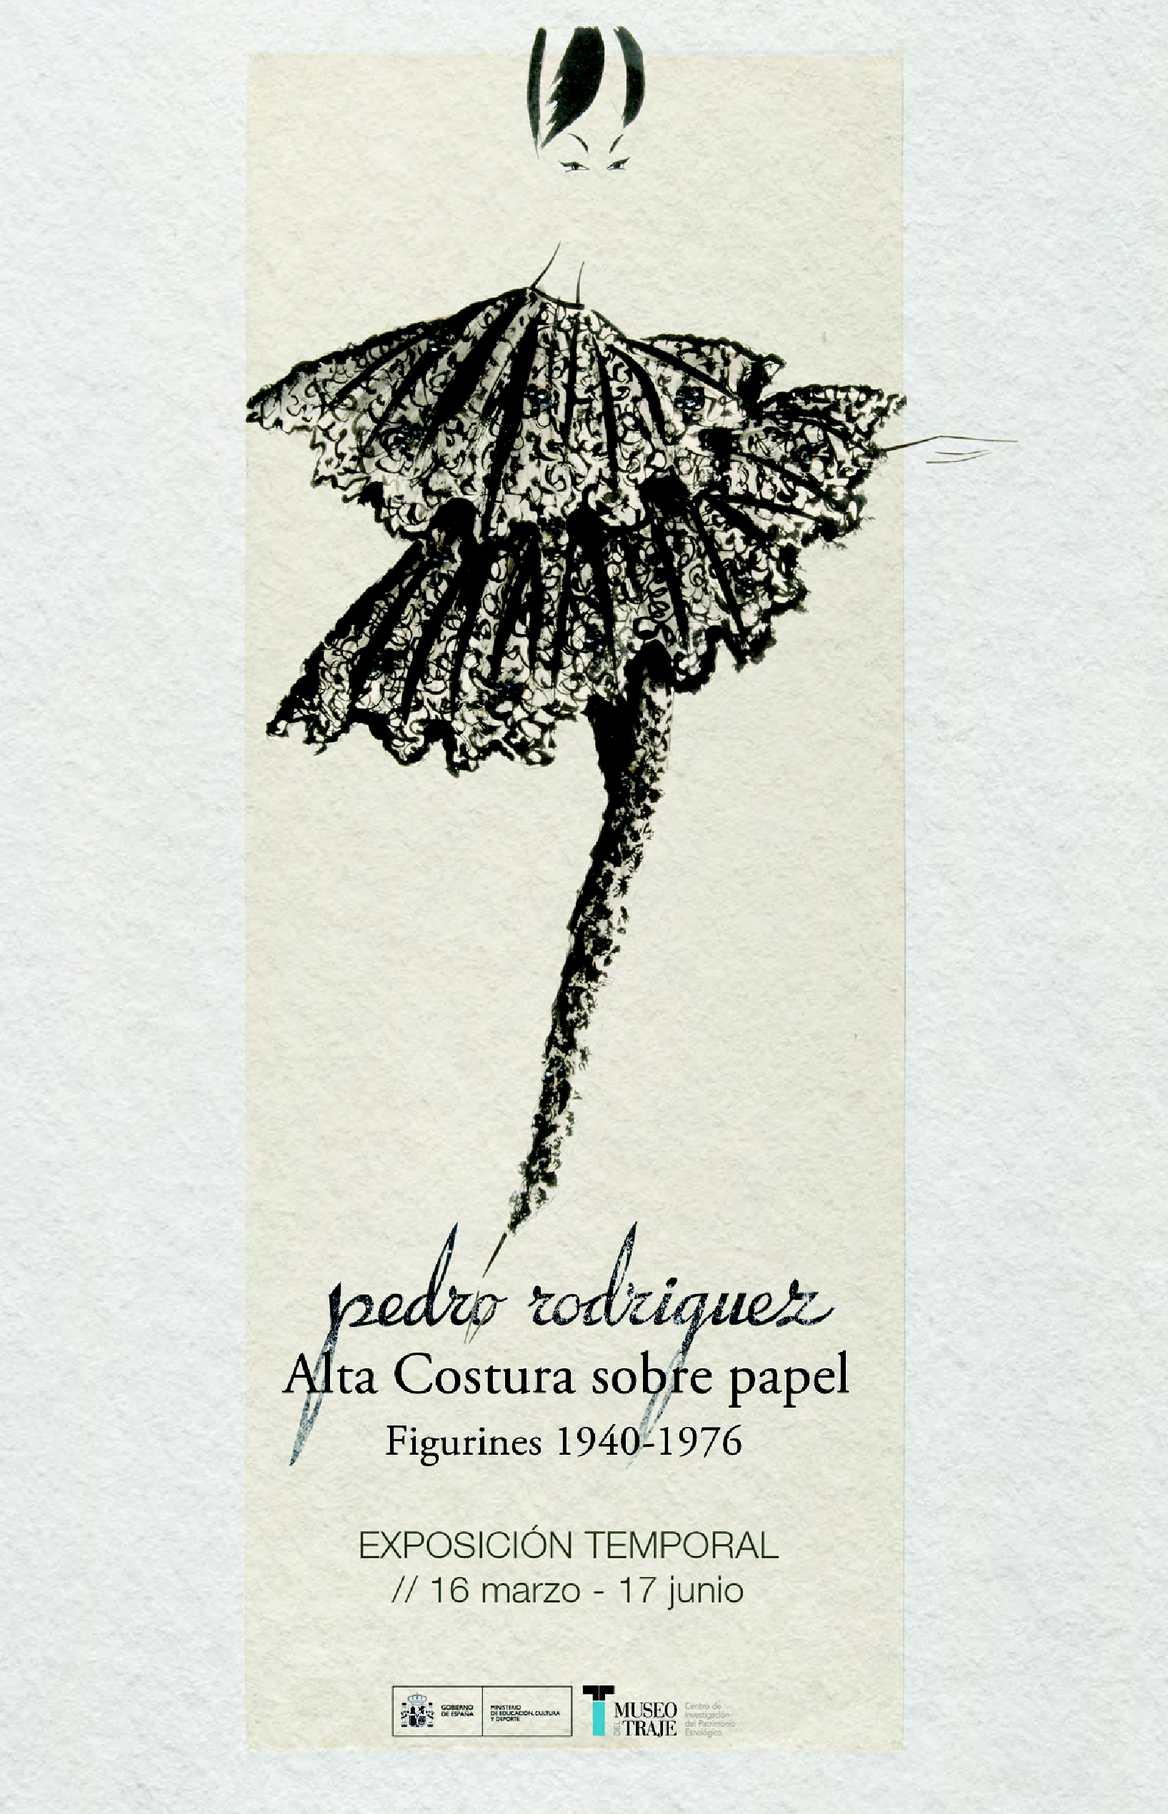 Calaméo - Pedro Rodríguez. Alta Costura sobre papel